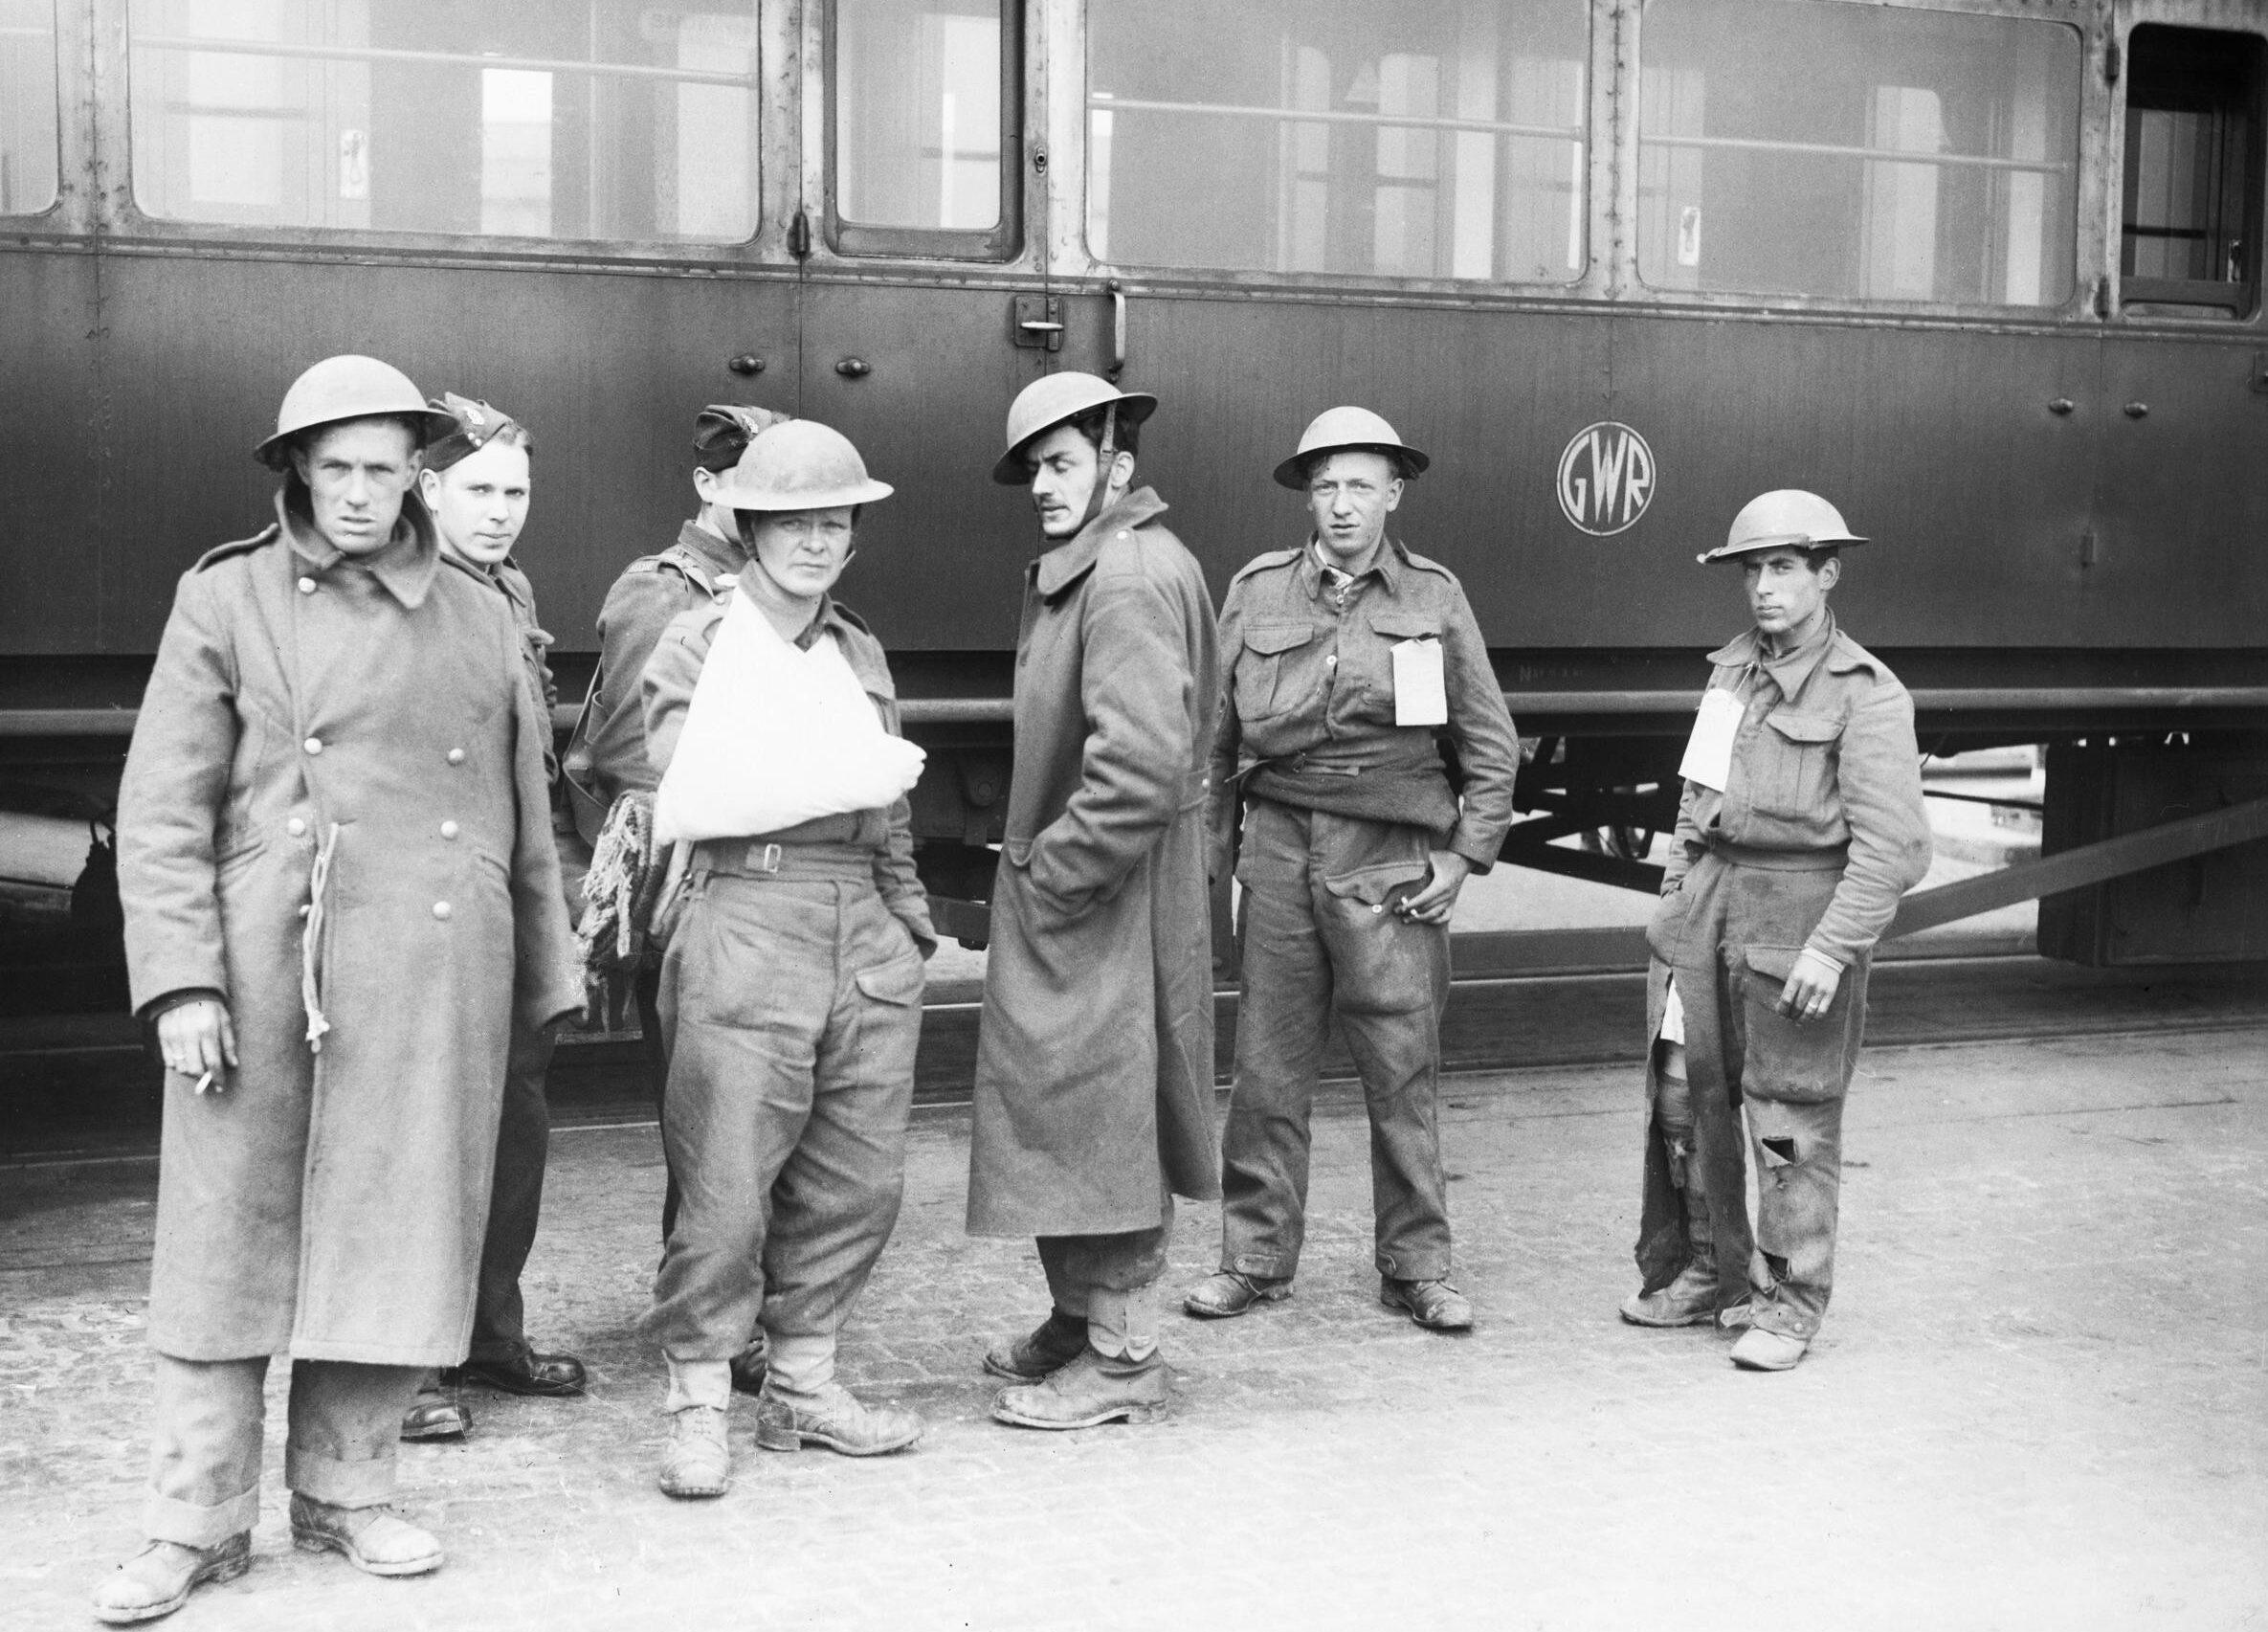 Группа «ходячих раненых» британских войск перед железнодорожным вагоном в Довере. 31 мая 1940 г.